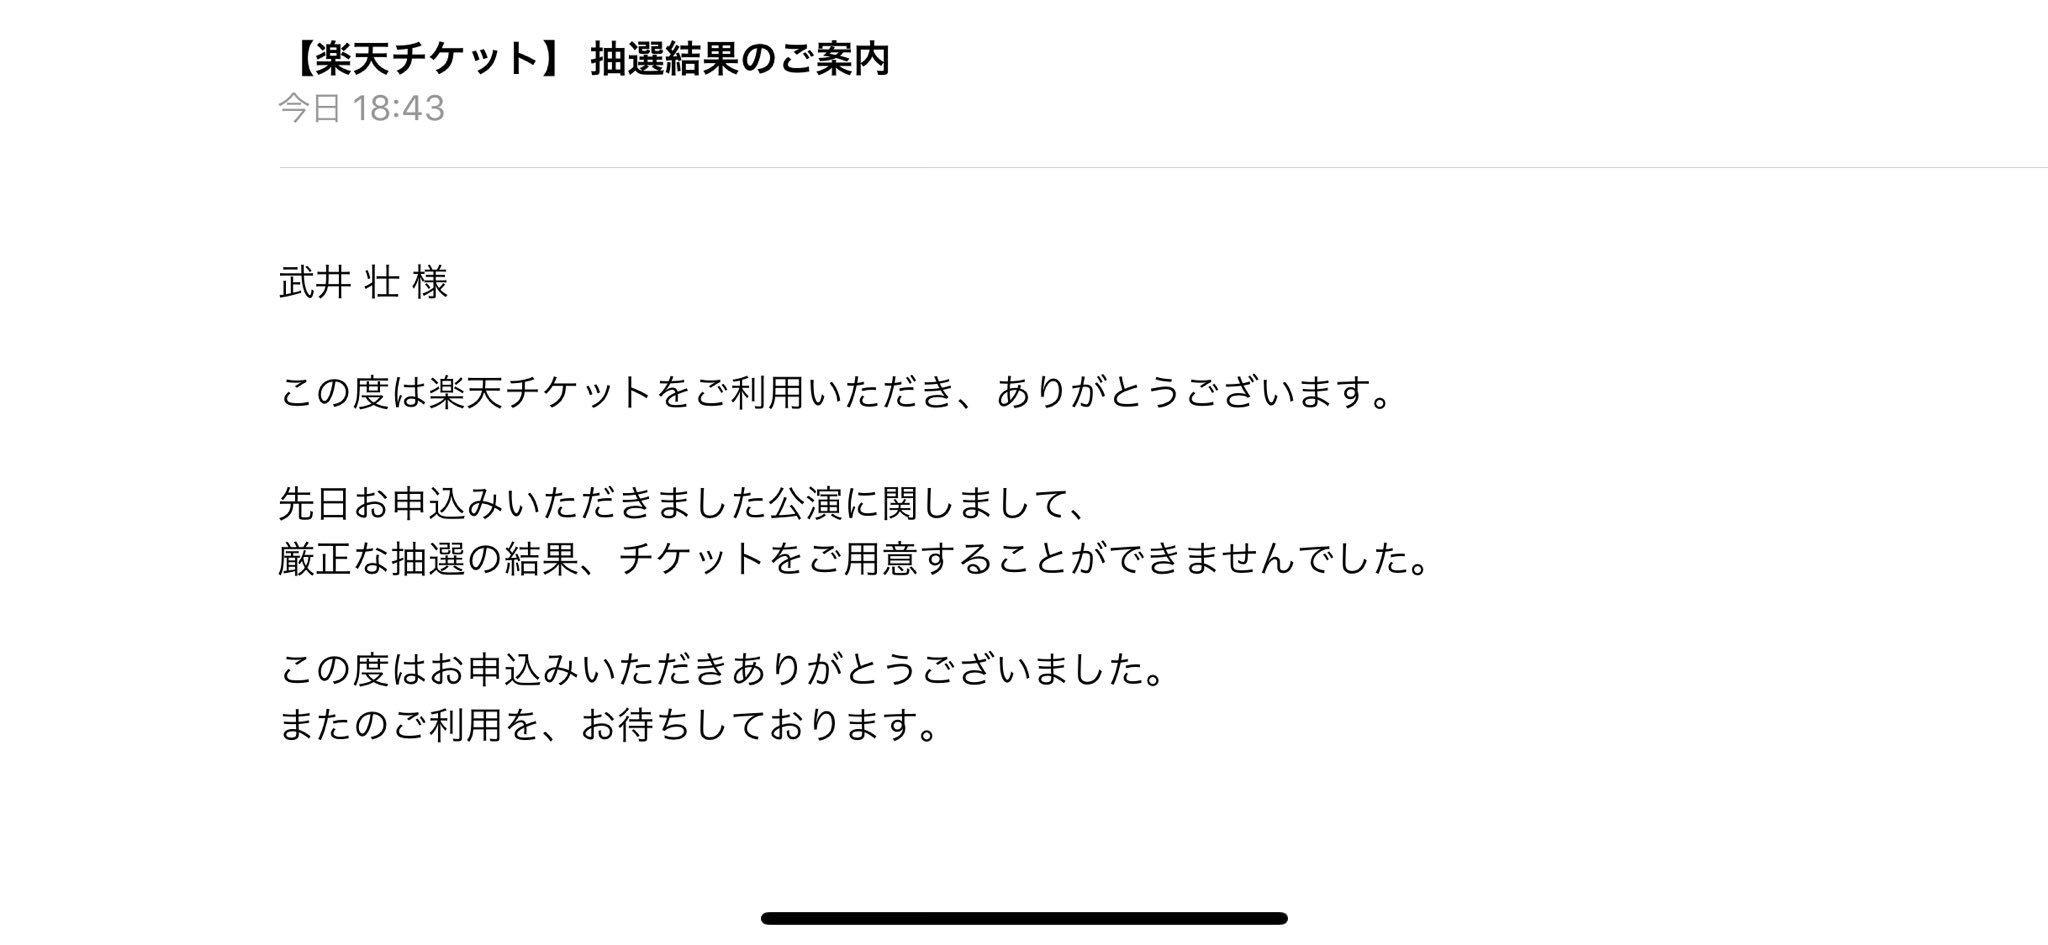 乃木坂46 武井壮 オレの夏はどこや。。。